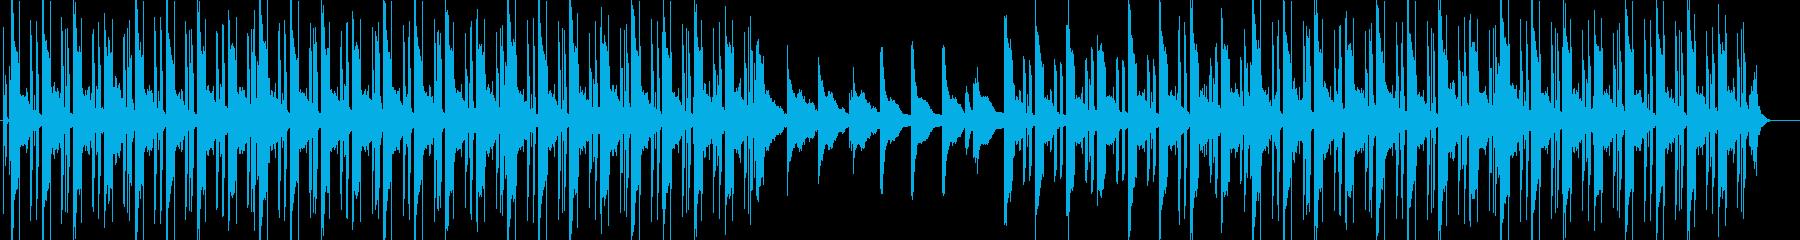 サイケデリックで眠いヒップホップの再生済みの波形